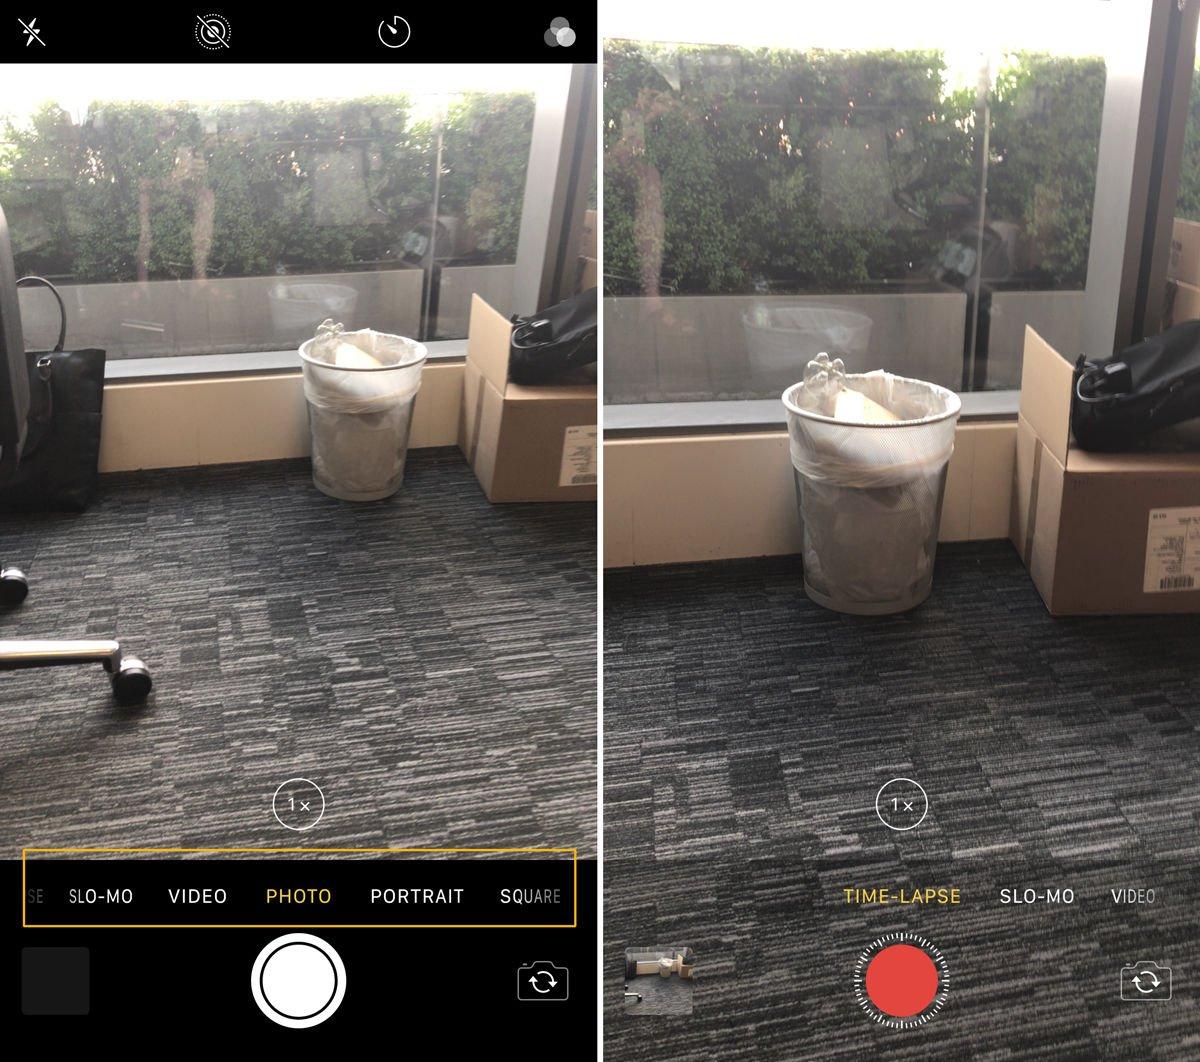 Cómo usar el video de lapso de tiempo en iPhone: active el lapso de tiempo